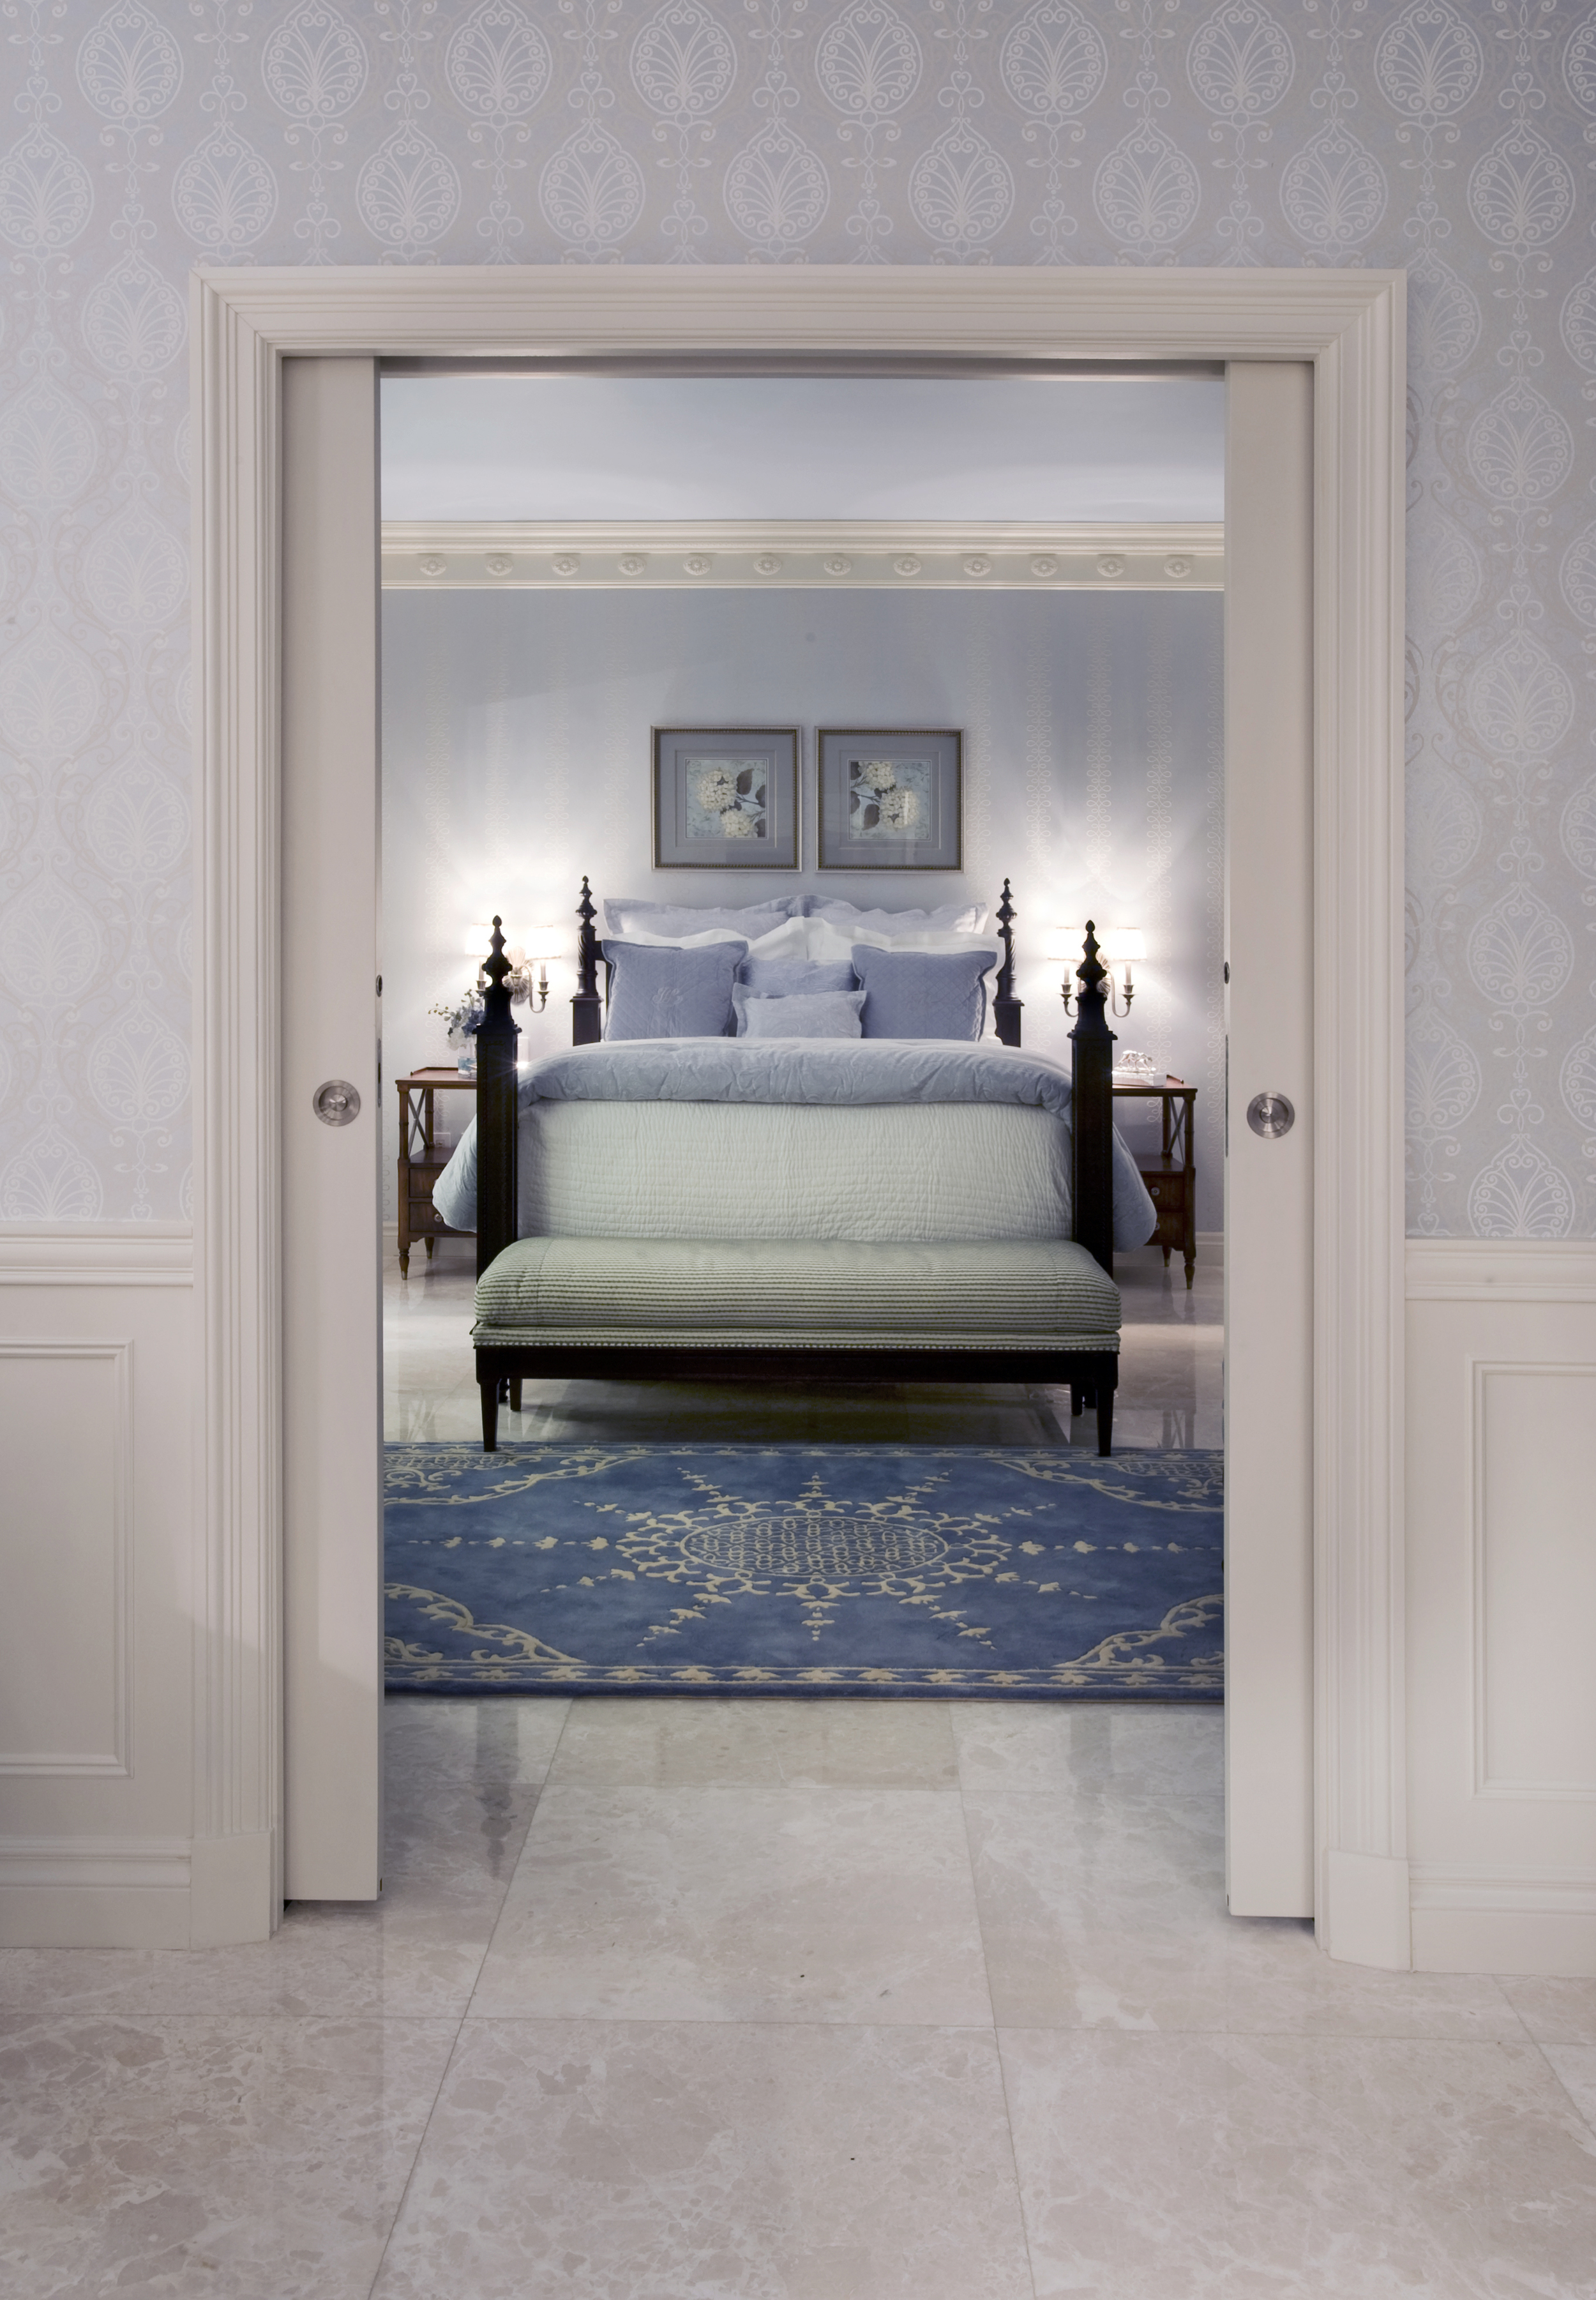 detailbedroom1.jpg